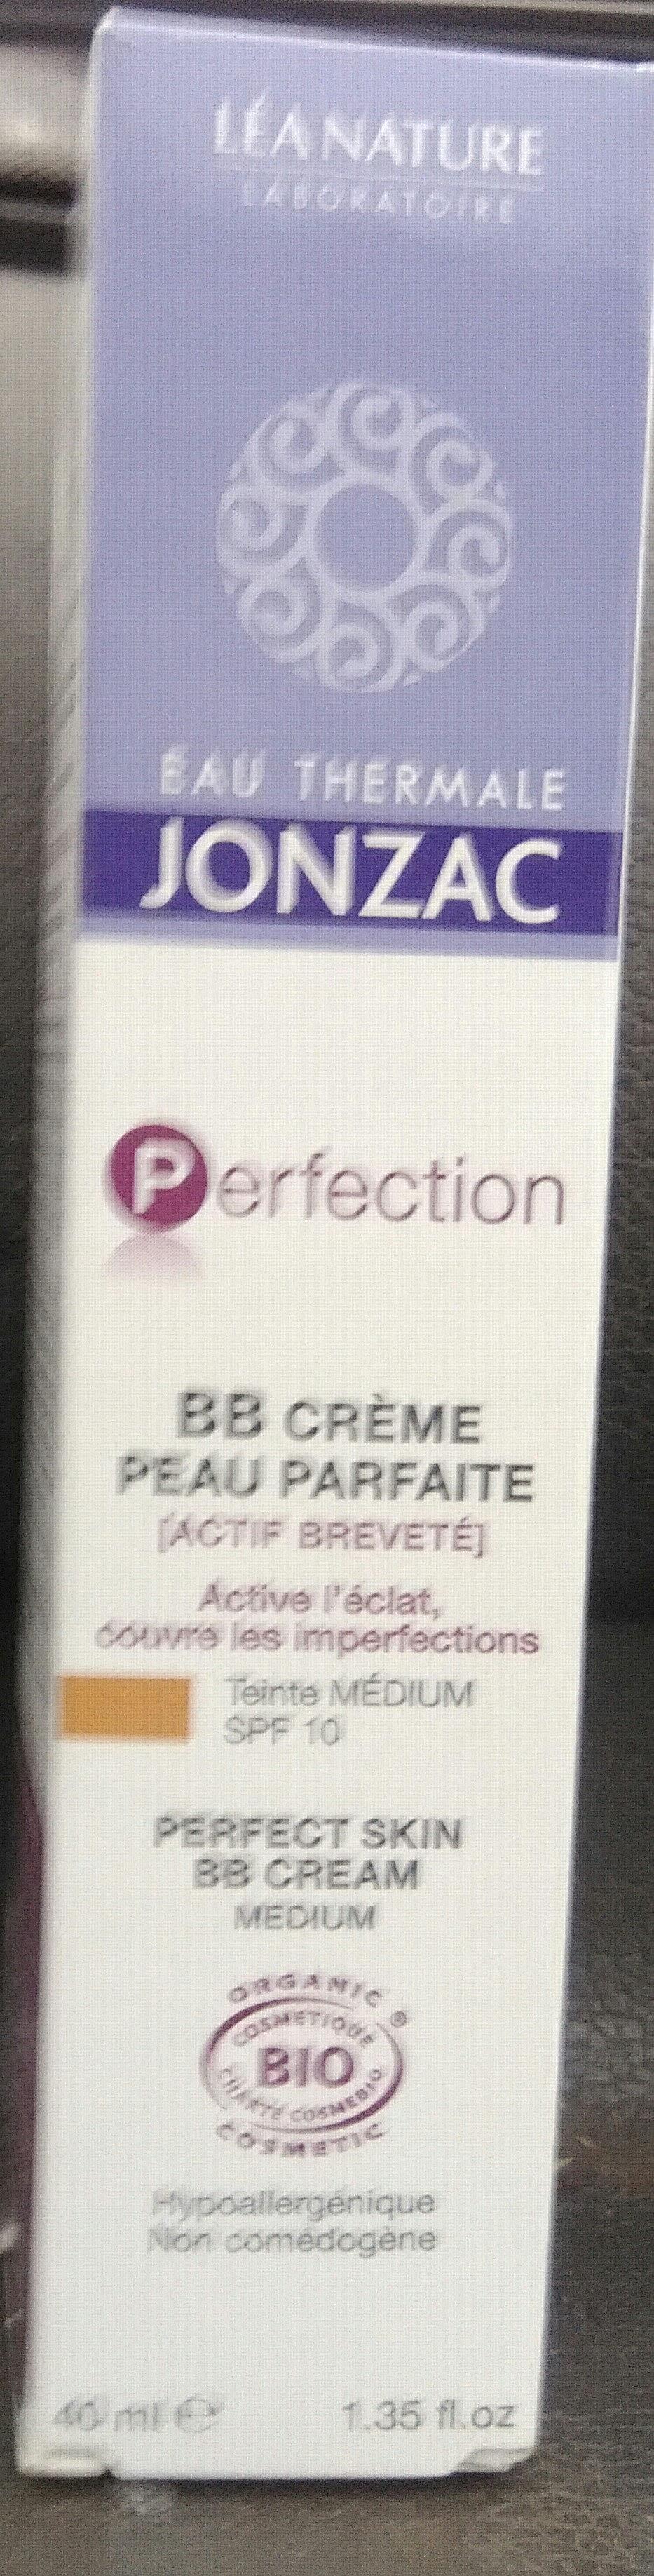 bb creme peau parfaite - Product - fr